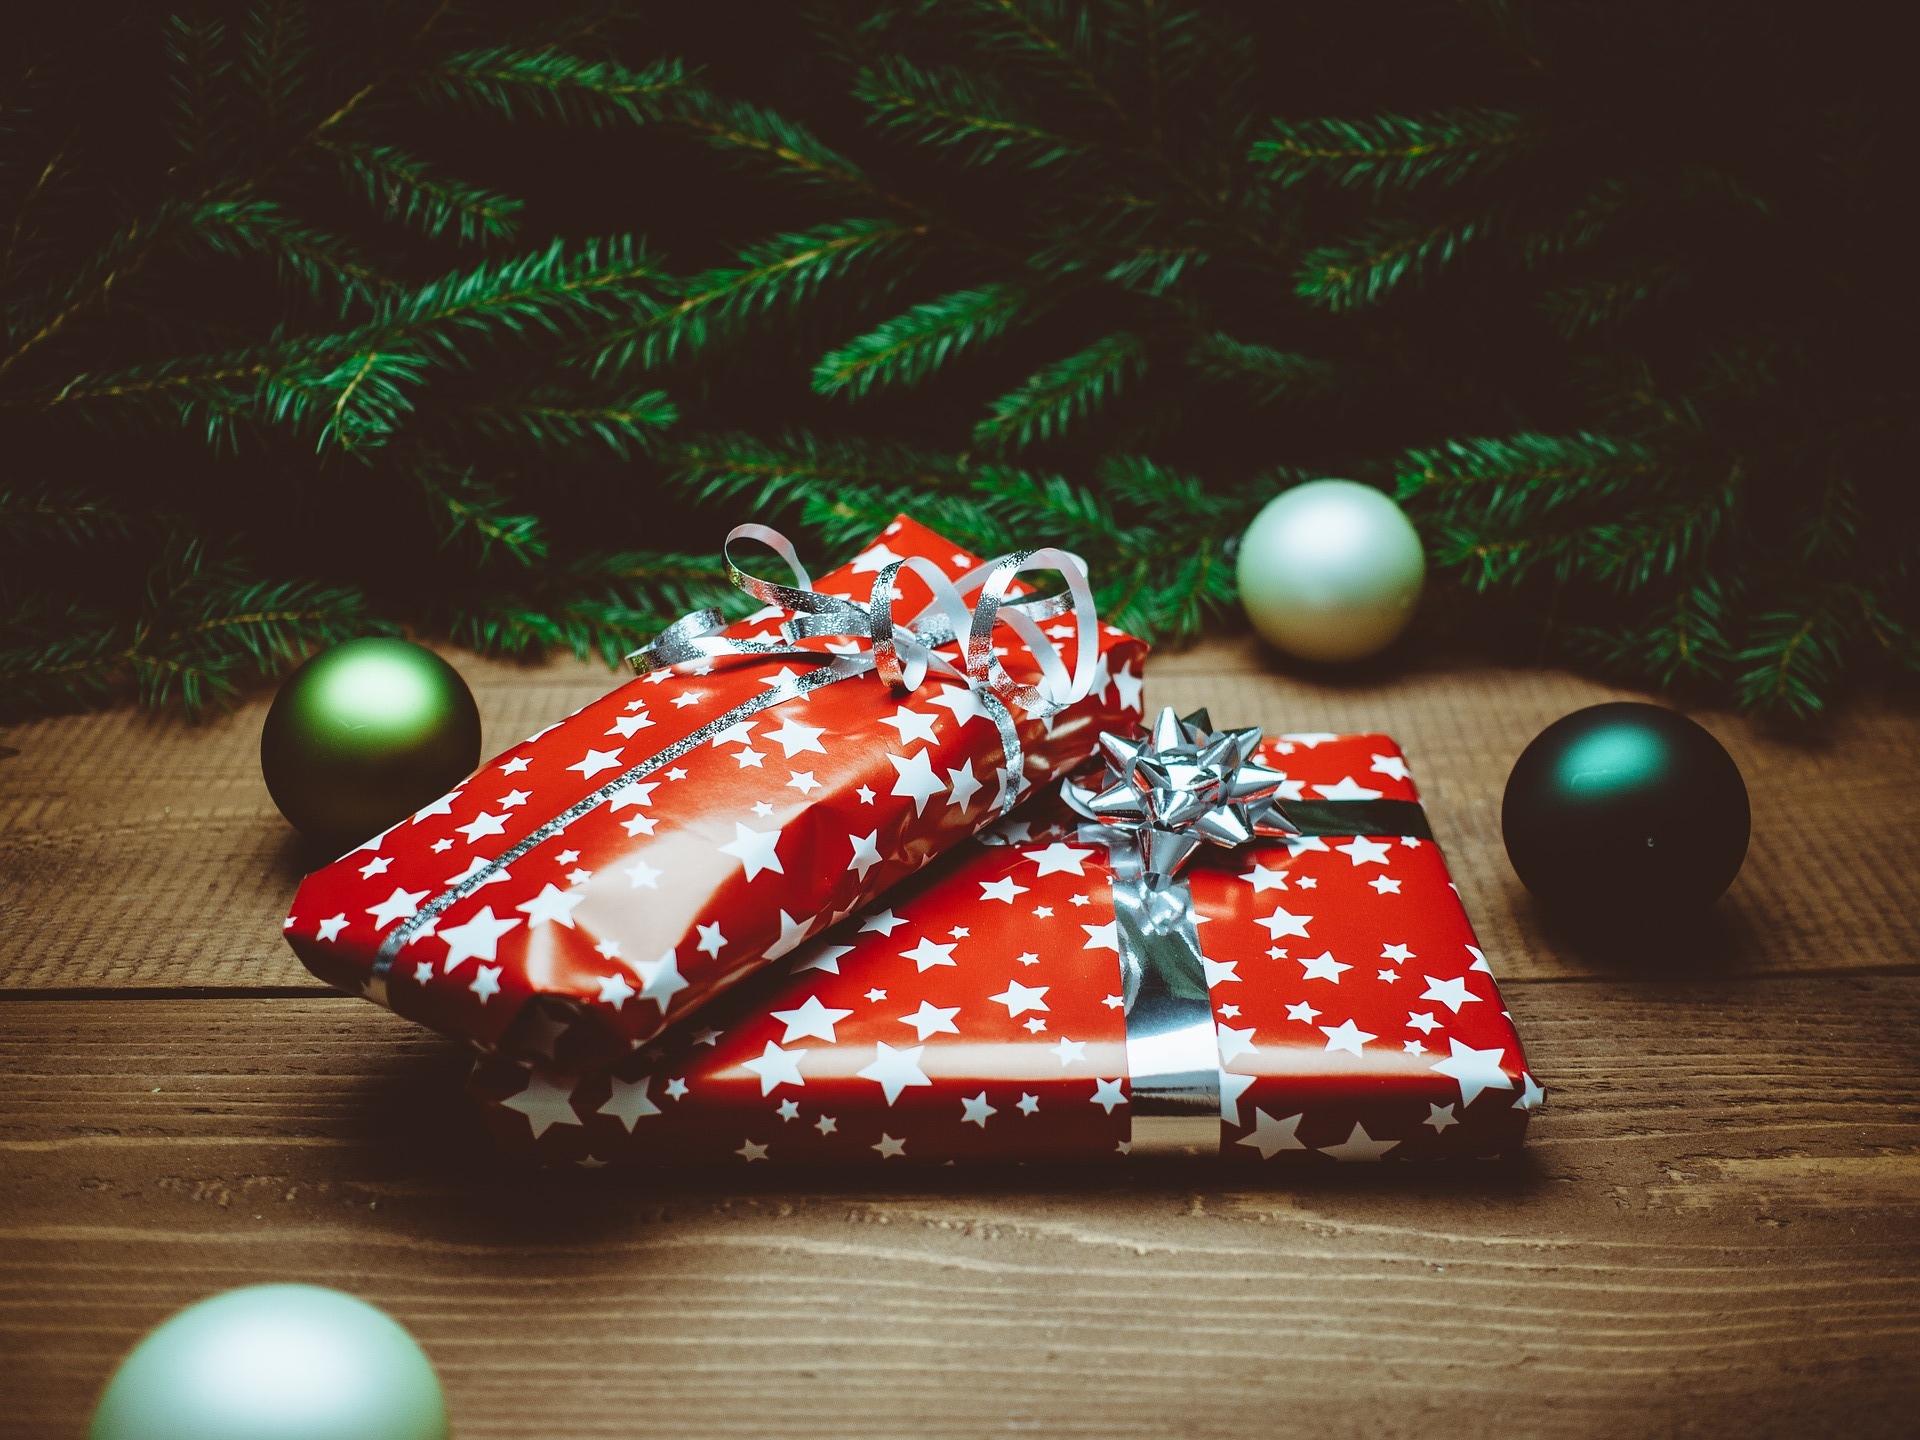 Weihnachtsbilder Suchen.Weihnachtsbilder Geschenk Ig Dok Iii